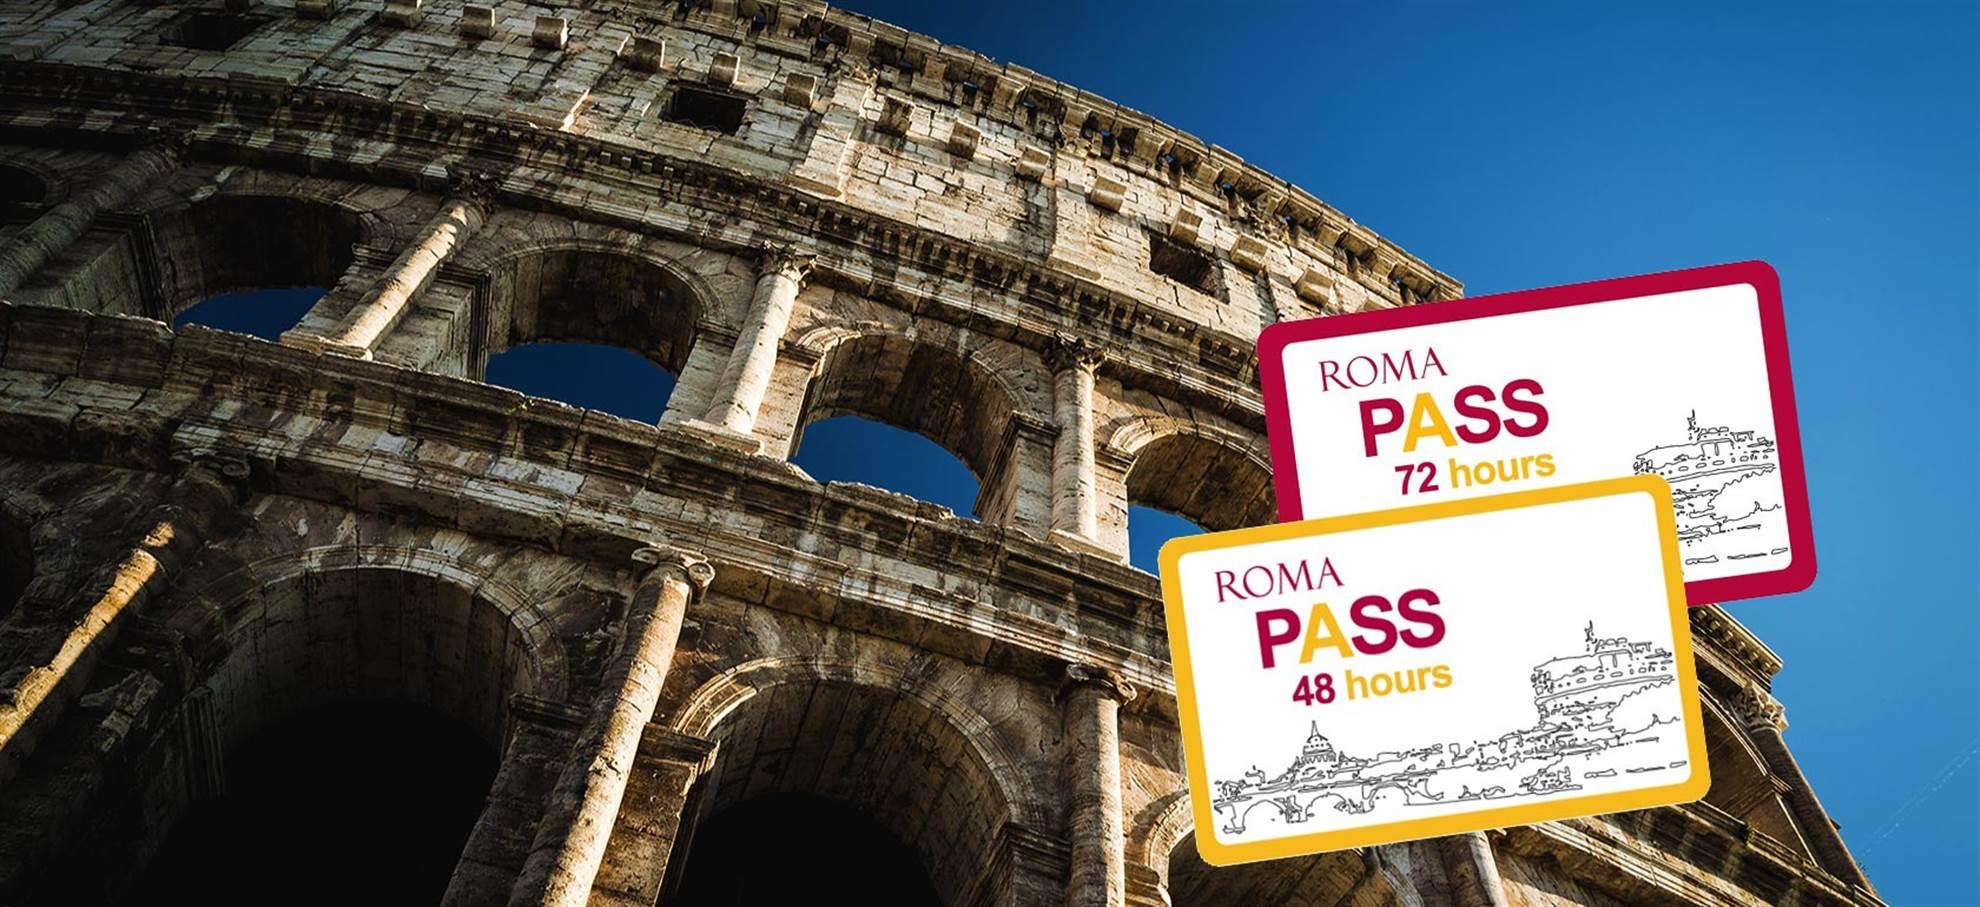 Roma Pass (Biglietti Salta-Fila per San Pietro opzionali)